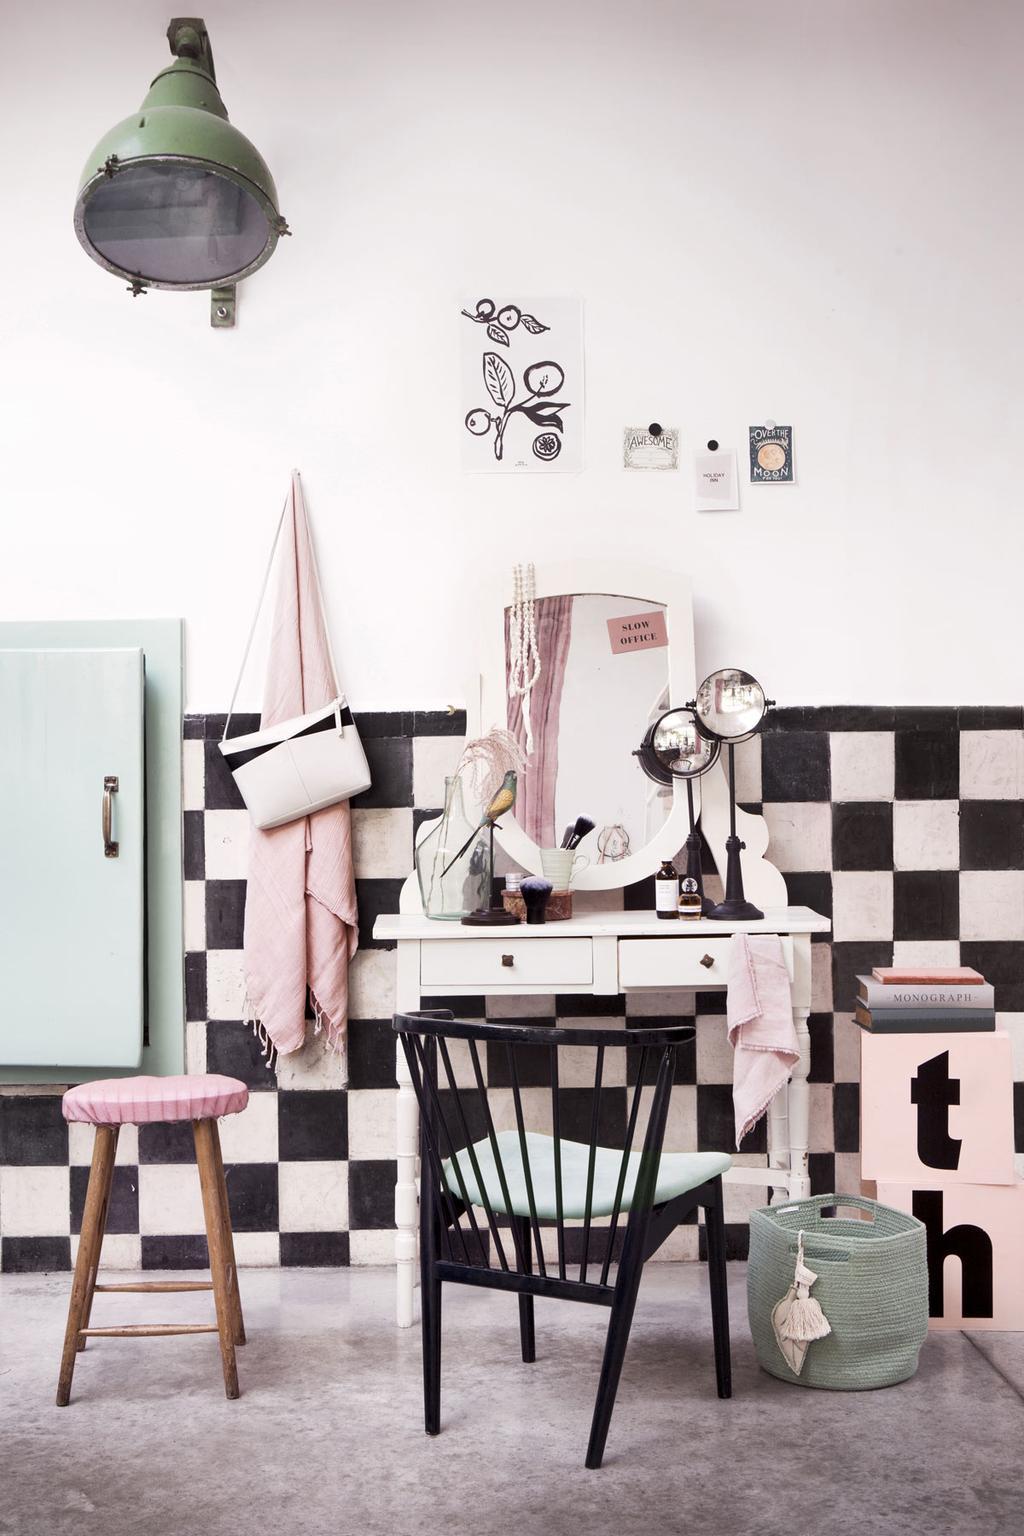 Tienerkamer met vintage kaptafel, lambrisering met zwart-wit tegel muur